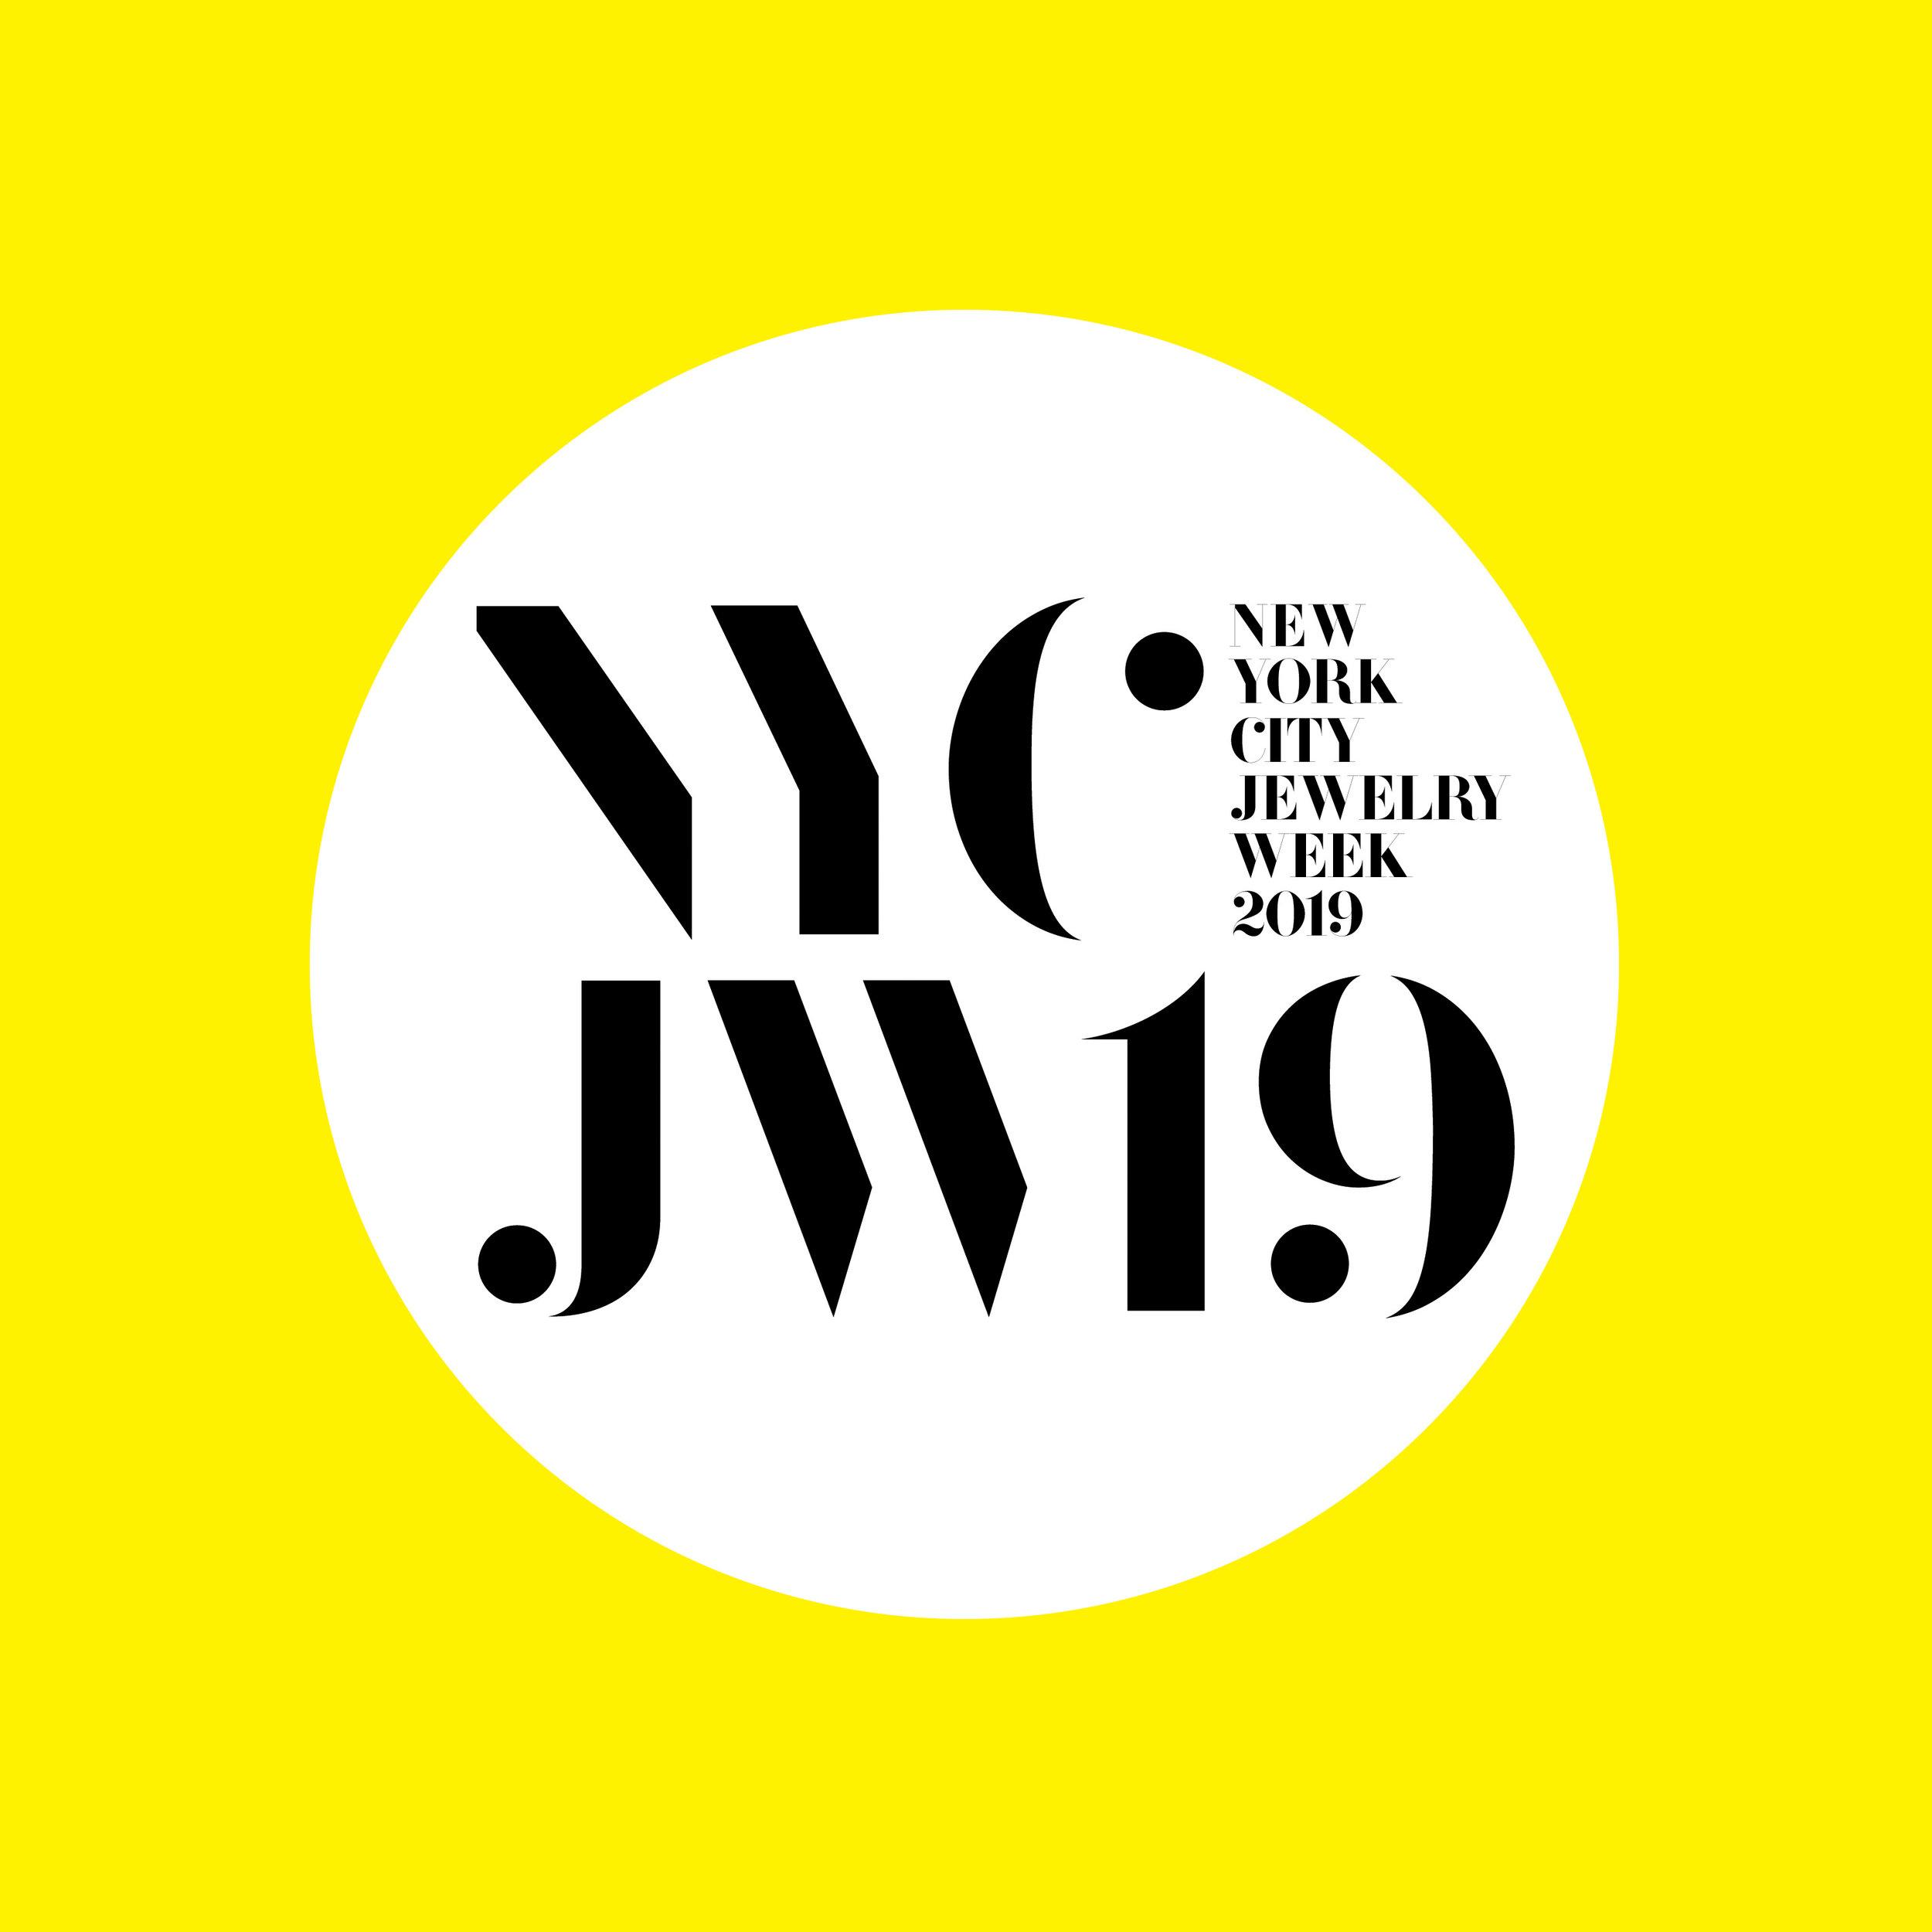 NYCJW19_Circle_CL_RGB.jpg